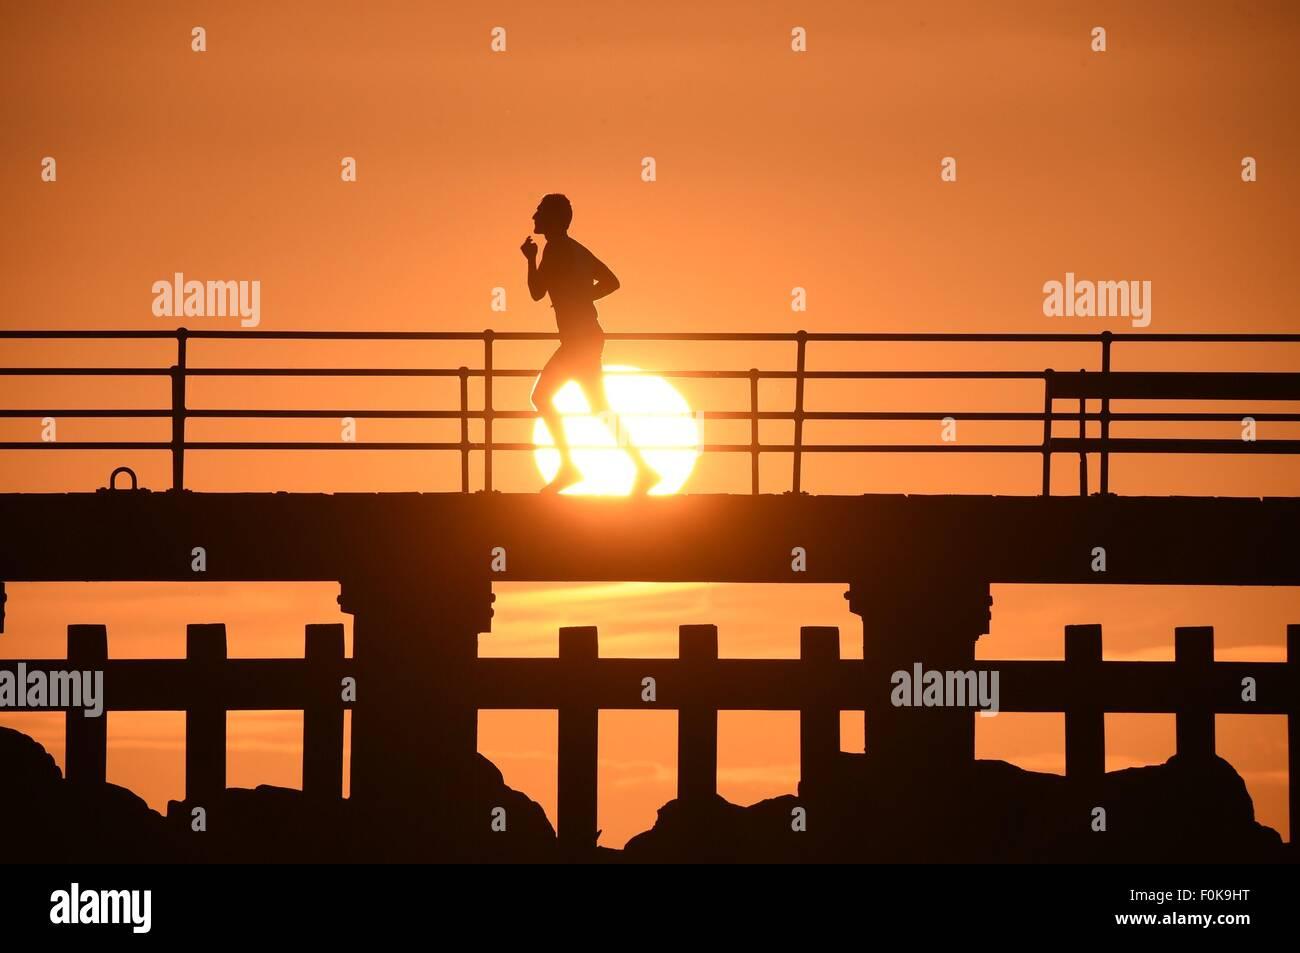 Aberystwyth, Wales, Regno Unito. 17 Agosto, 2015. Regno Unito Meteo: un uomo solitario fa avanzare in silhouette Immagini Stock